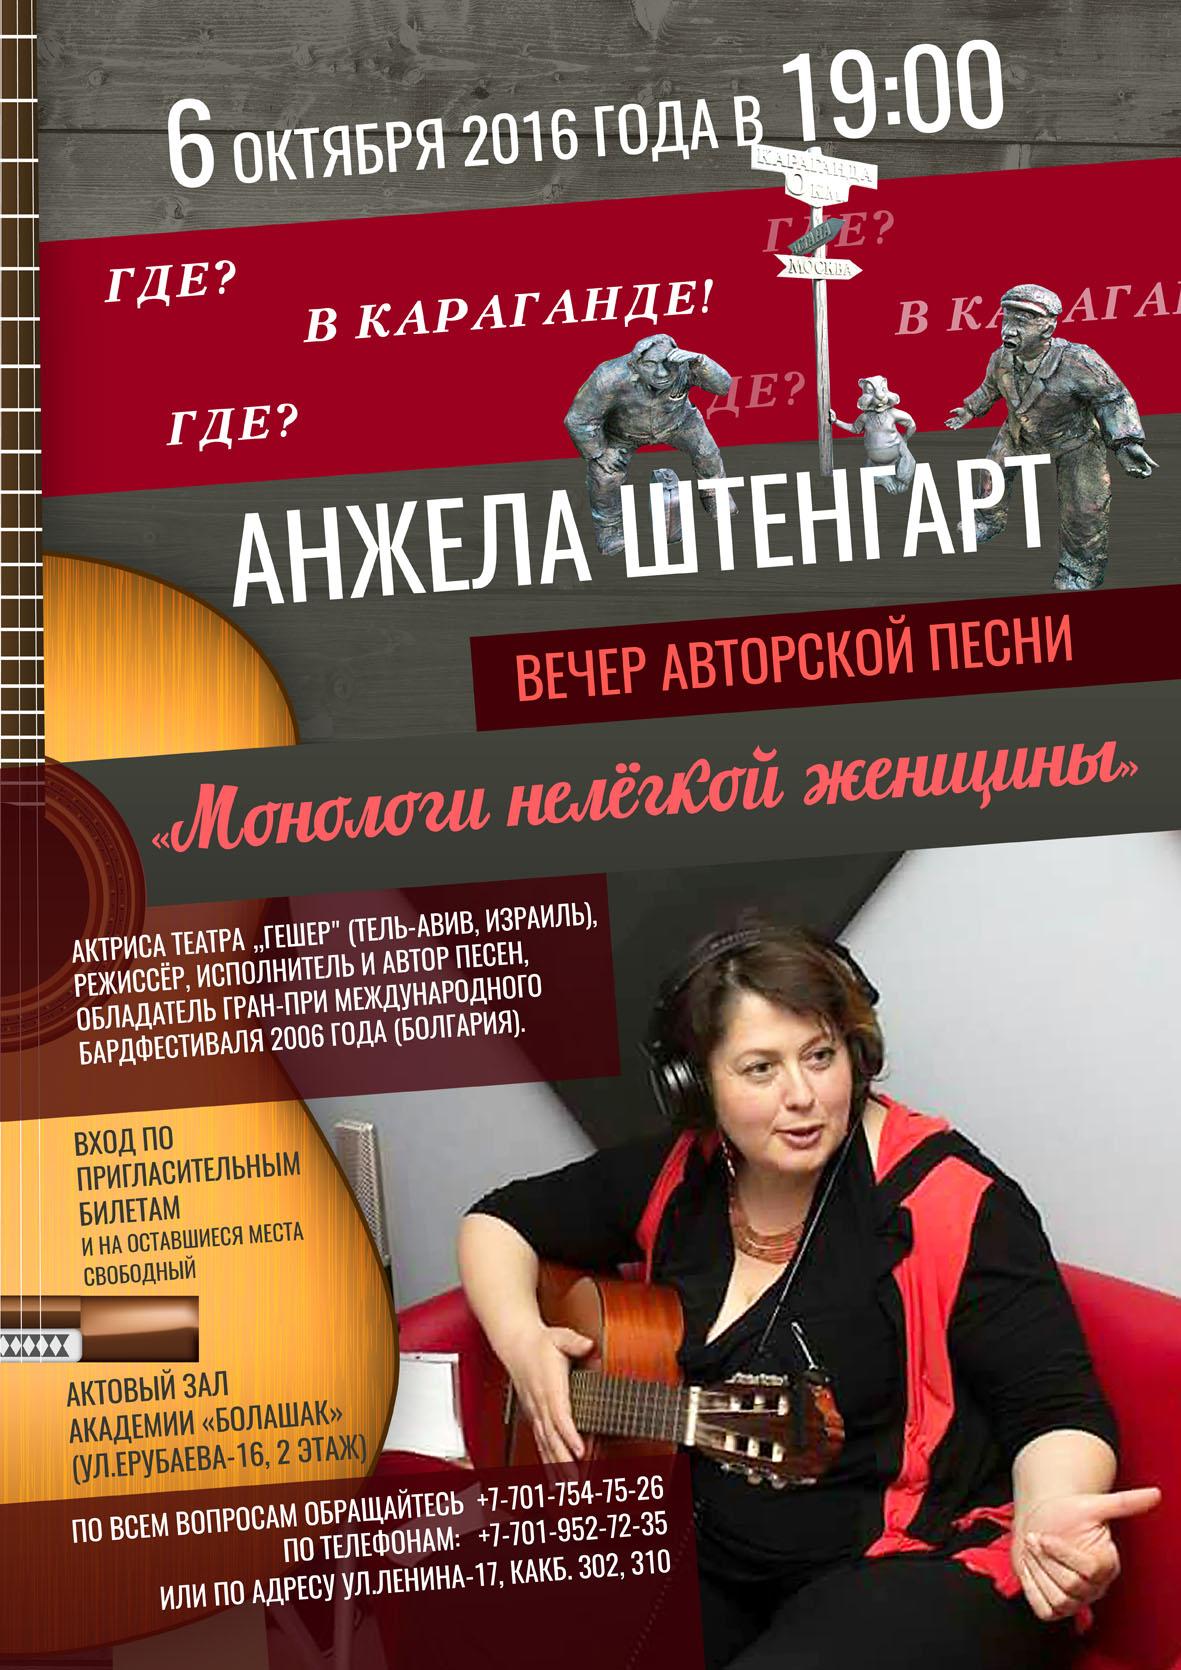 Афиша на вечер бардовской песни в Караганде